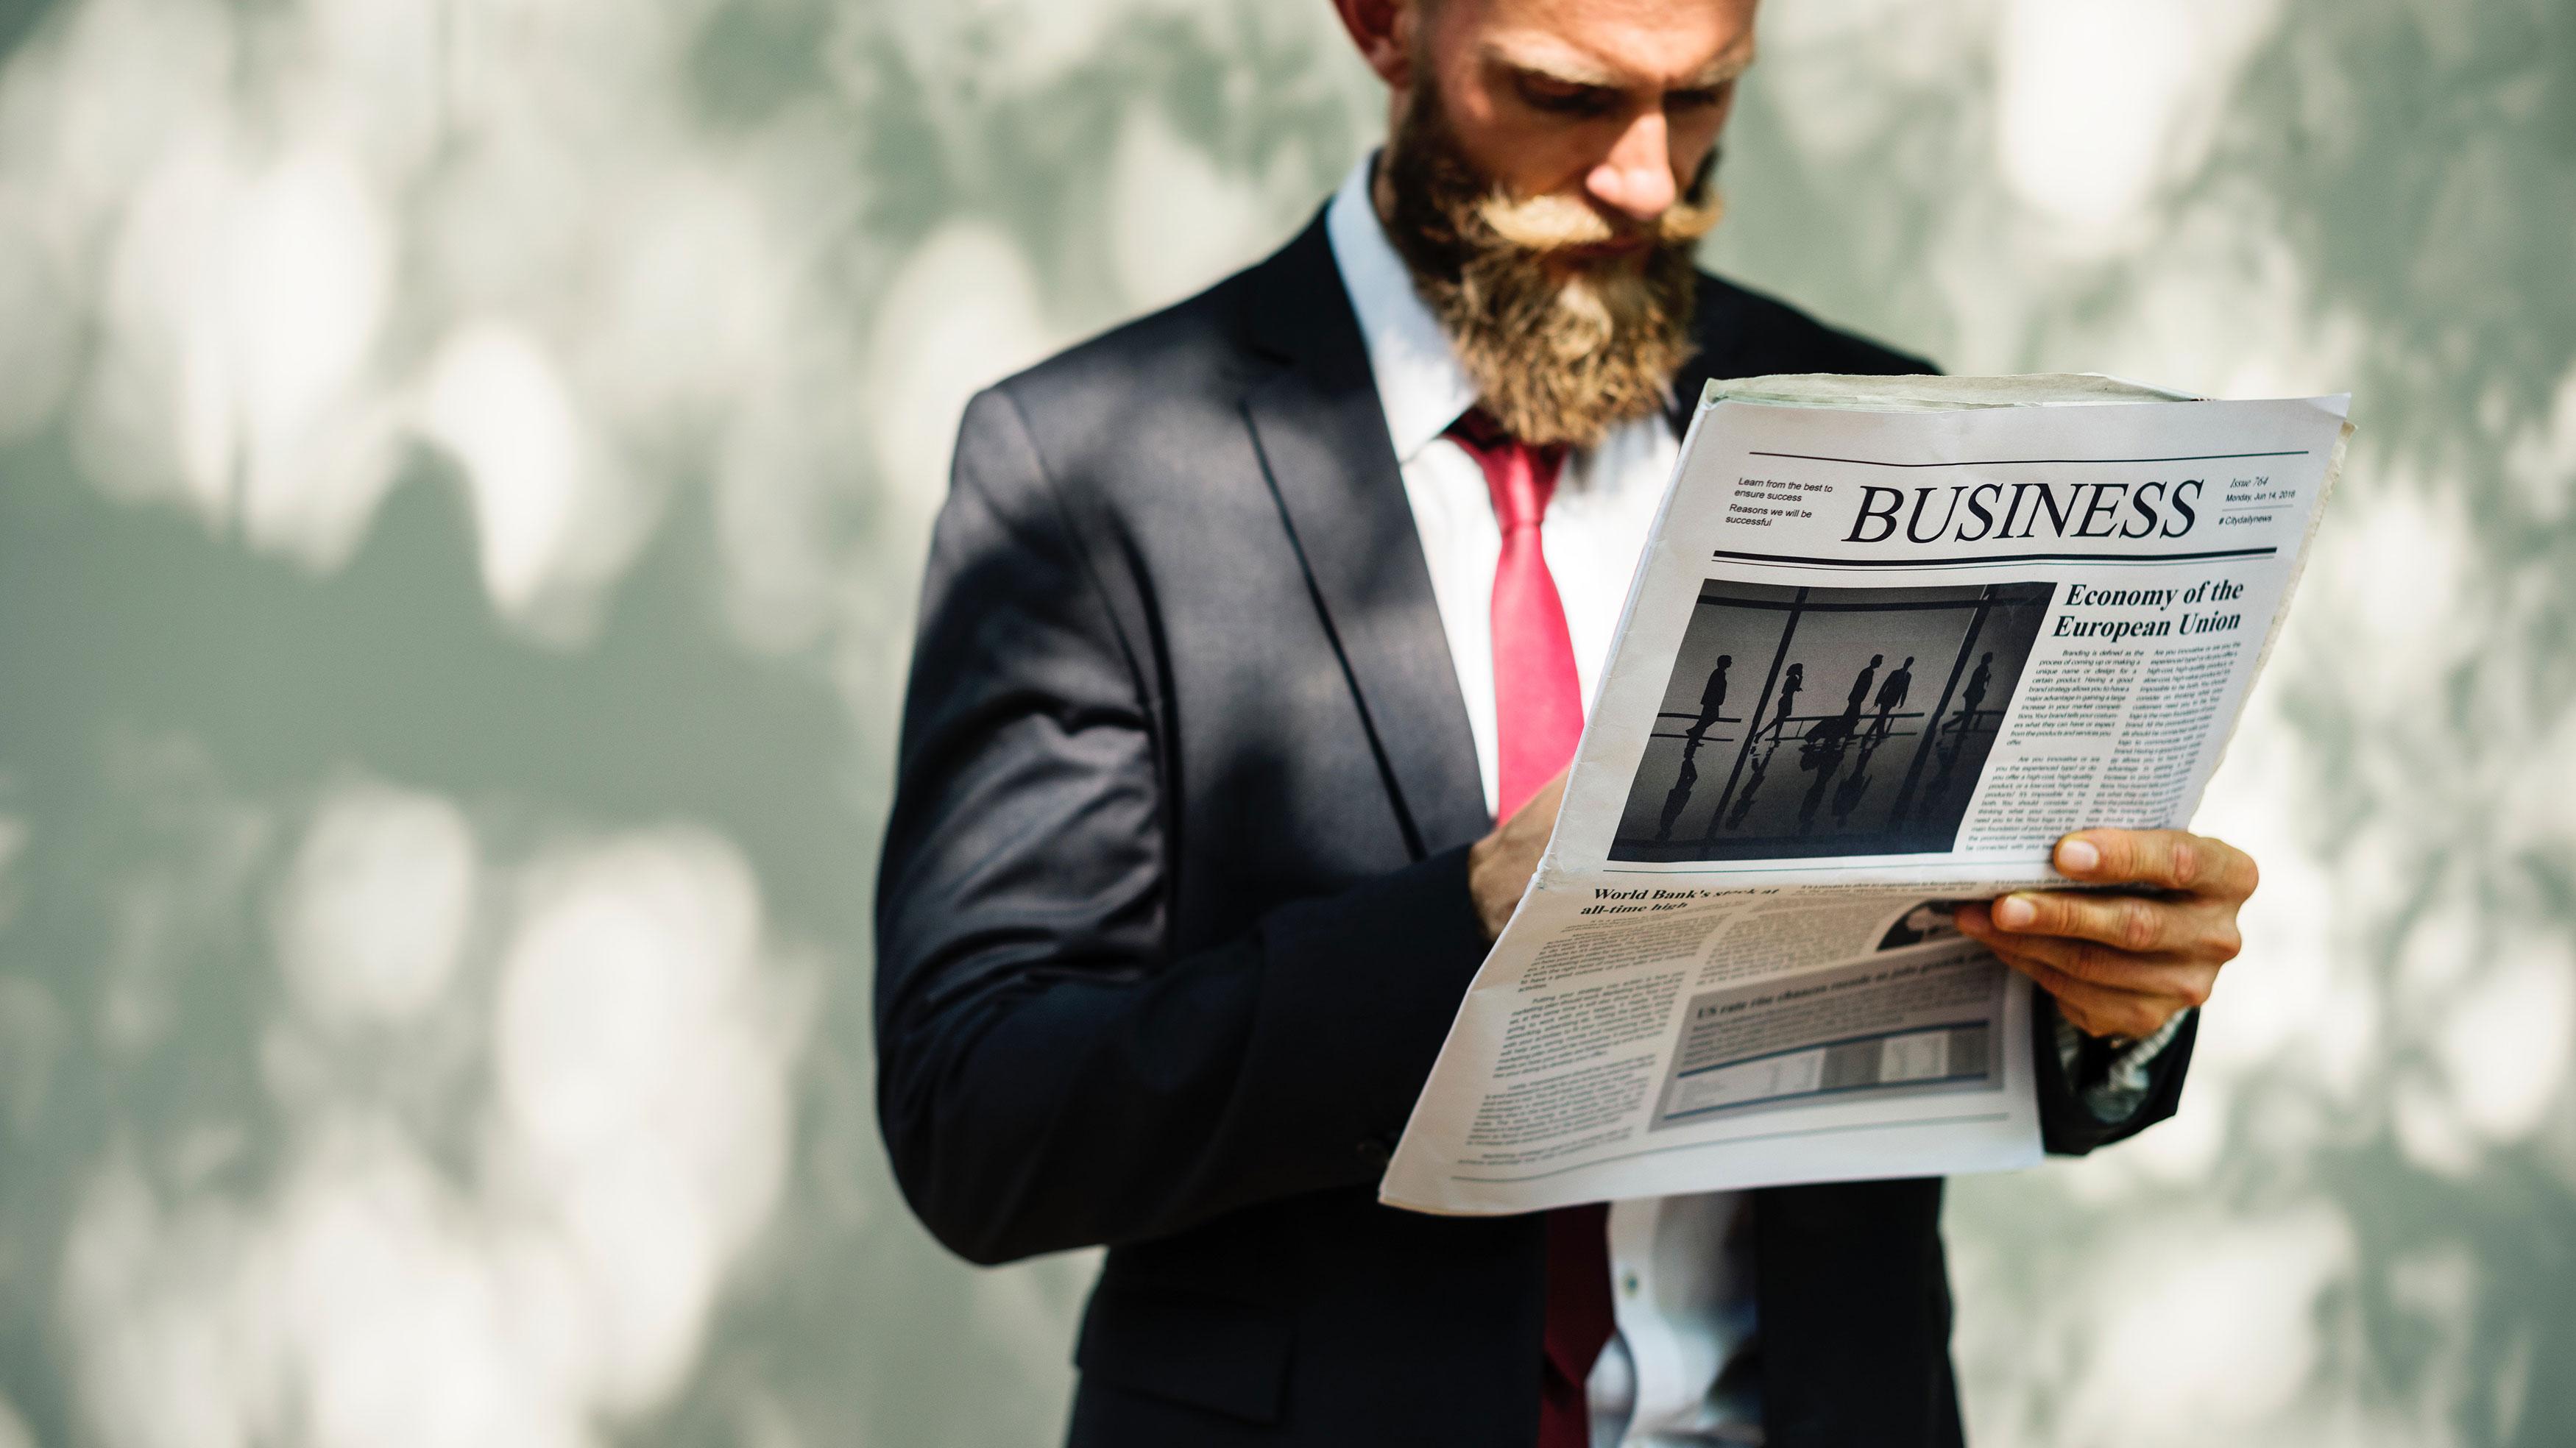 <html>  <head></head>  <body>   <p>Votre entreprise a le vent dans les voiles et aspire maintenant à vendre à l'international. Cette grande étape est excitante! Vous devez toutefois la réaliser dans les règles de l'art afin d'assurer sa réussite et l'avenir de votre compagnie.</p>   </body> </html>